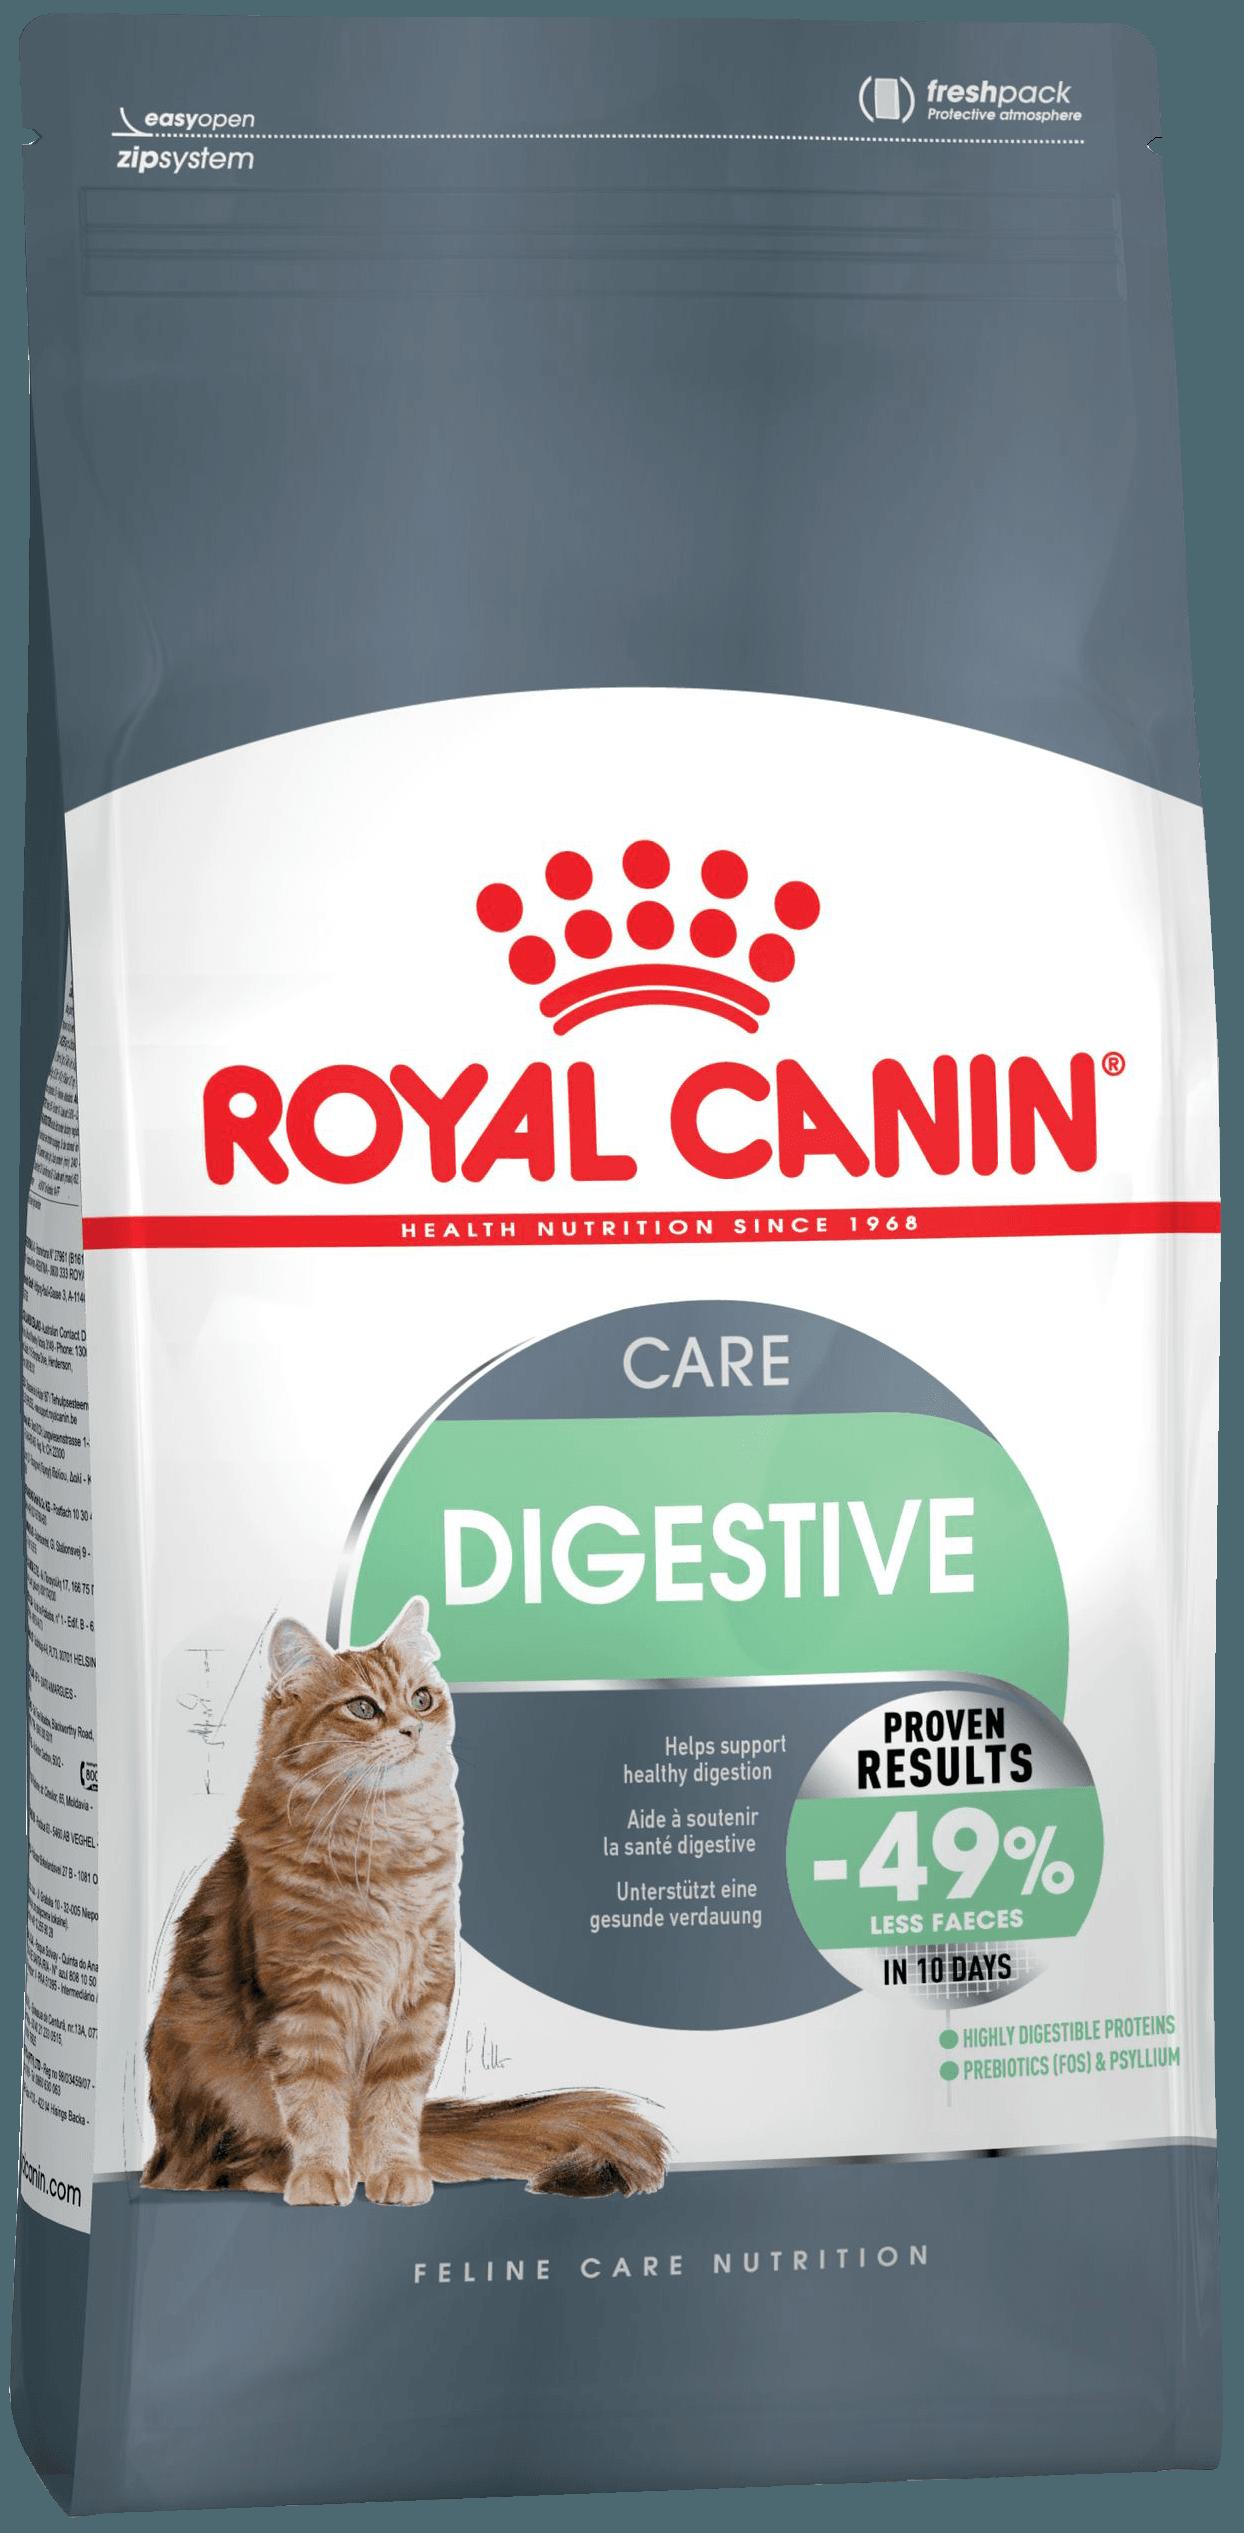 Royal Canin Дайджестив Комфорт (10кг) (комфорт. пищеварение) Kormberi.ru магазин товаров для ваших животных